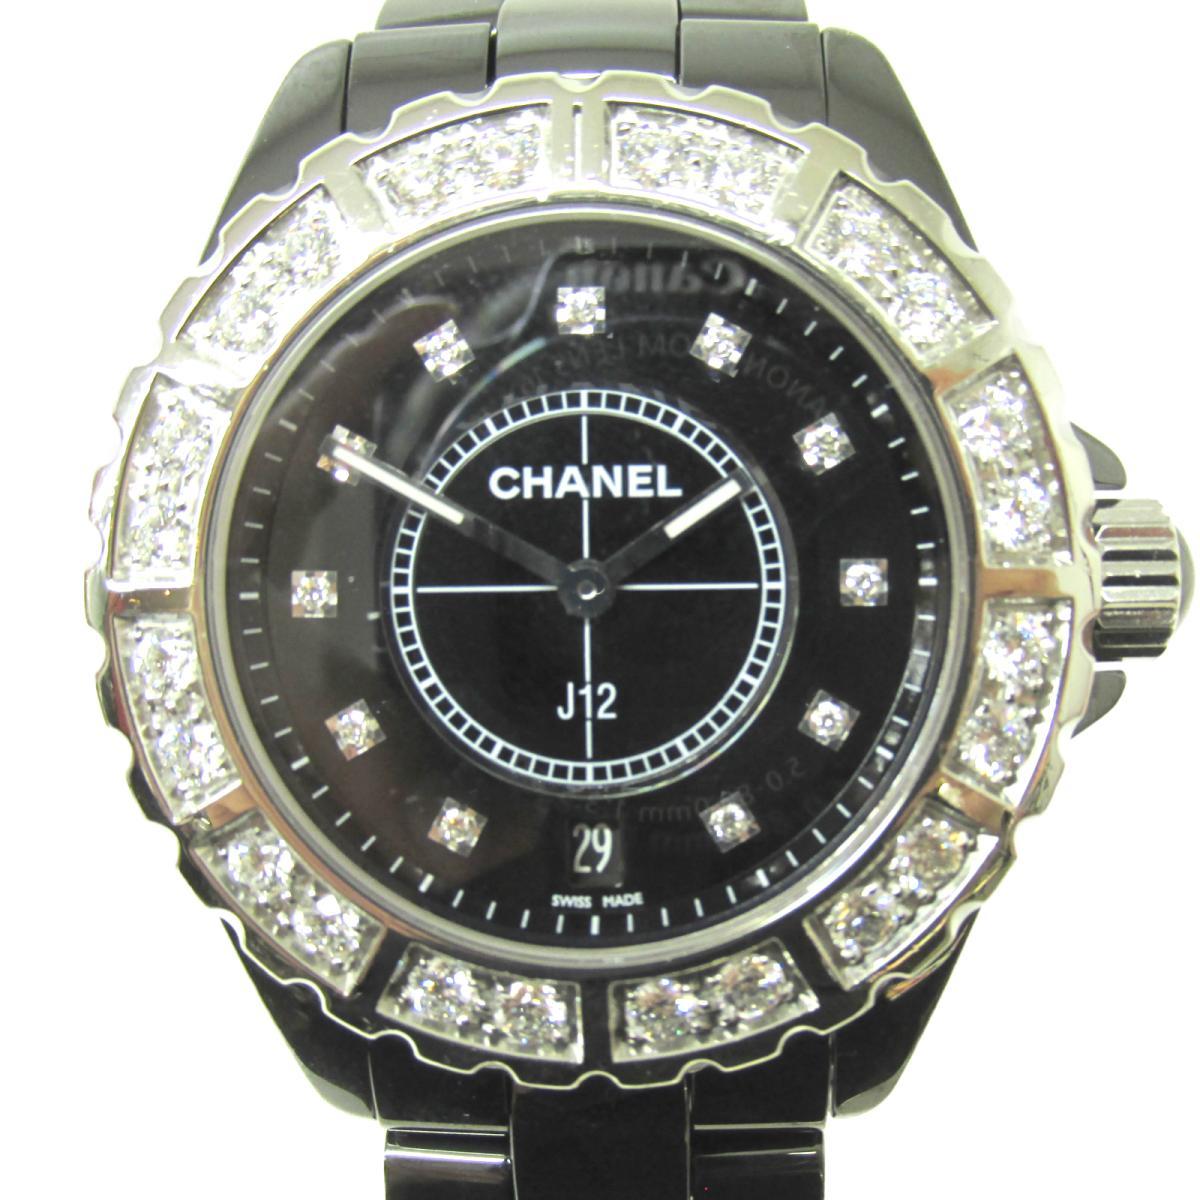 ≪期間限定≫メルマガ登録でクーポンGET! 【中古】 シャネル J12 腕時計 ウォッチ メンズ セラミック ダイヤモンド | CHANEL BRANDOFF ブランドオフ ブランド ブランド時計 ブランド腕時計 時計